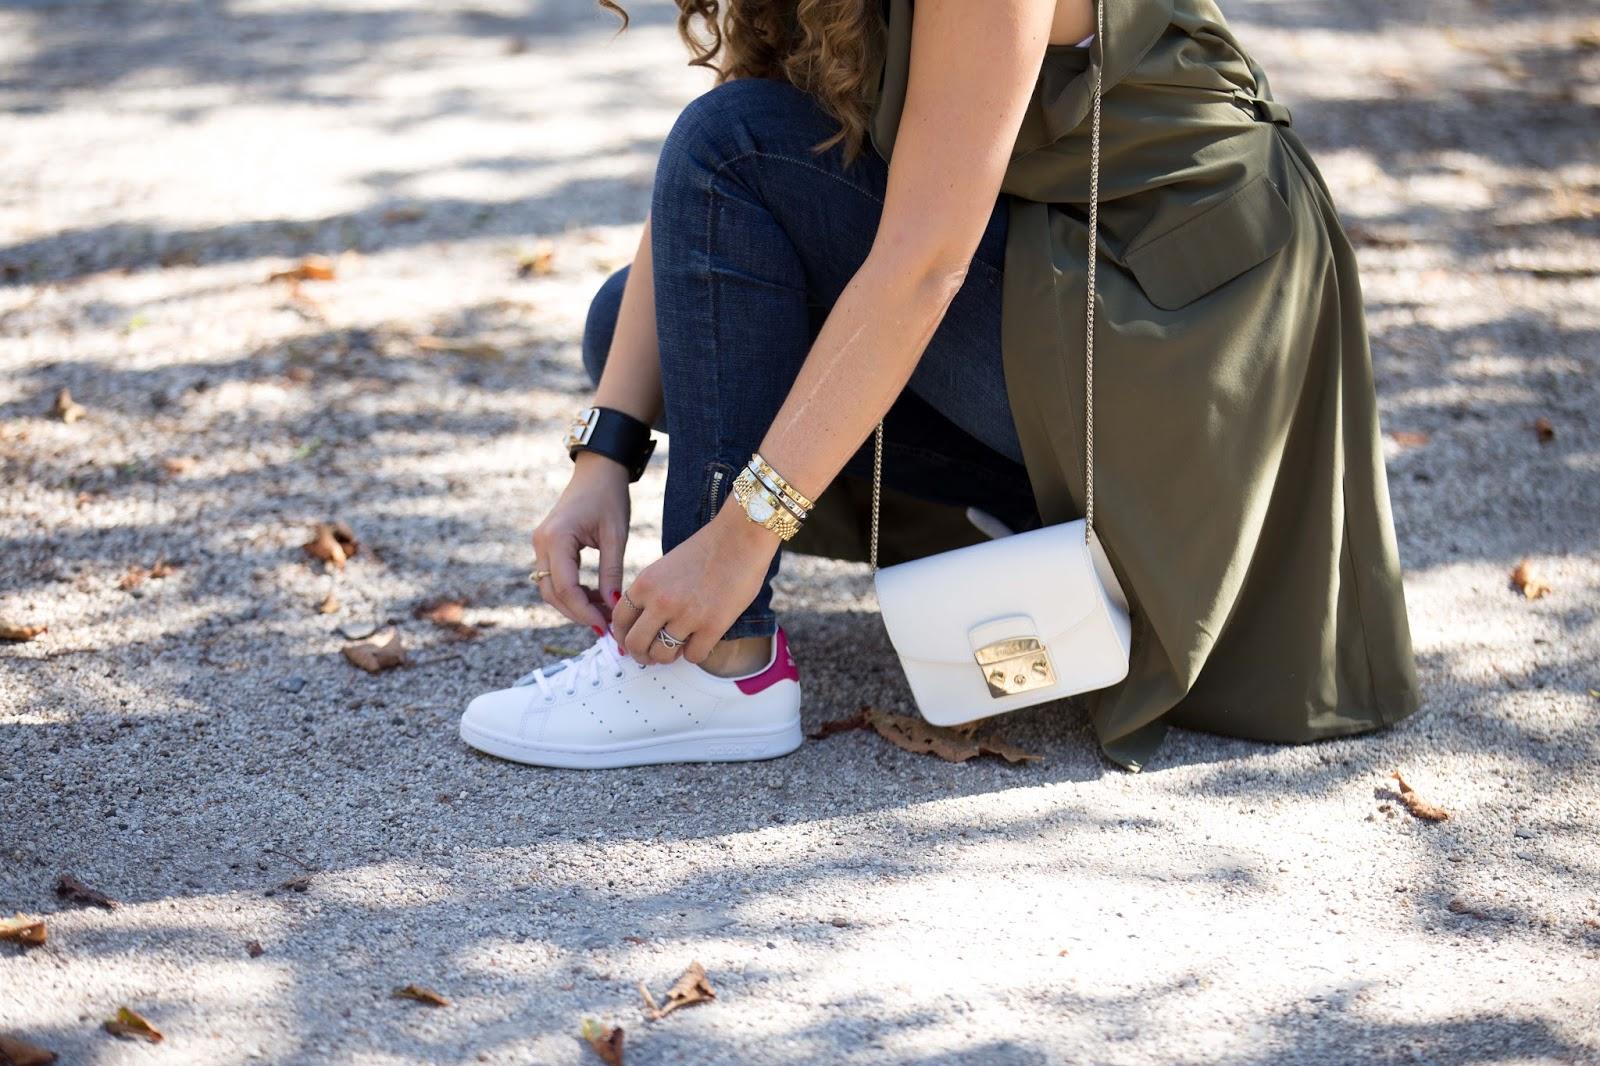 Details Furla Tasche -Khaki Veste -Pinke Adidas Schuhe-blogger mit Locken -My Colloseum - Fashionstylebyjohanna-Herbstlook Blogger-fashionblog-Deutsche Blogger-Blogger aus Deutschland